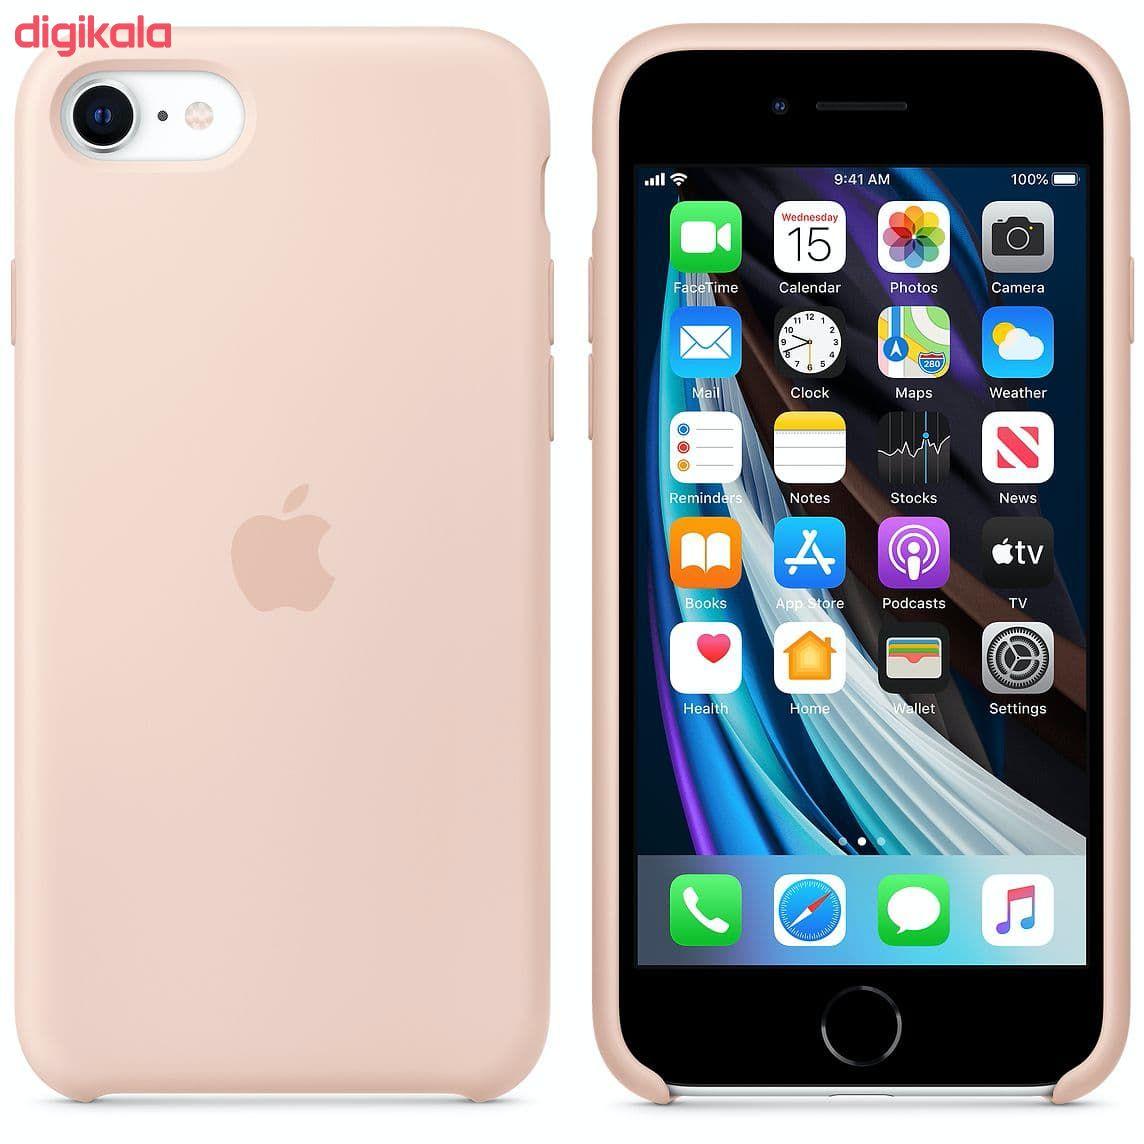 کاور مدل Silic مناسب برای گوشی موبایل اپل Iphone se 2020 main 1 1